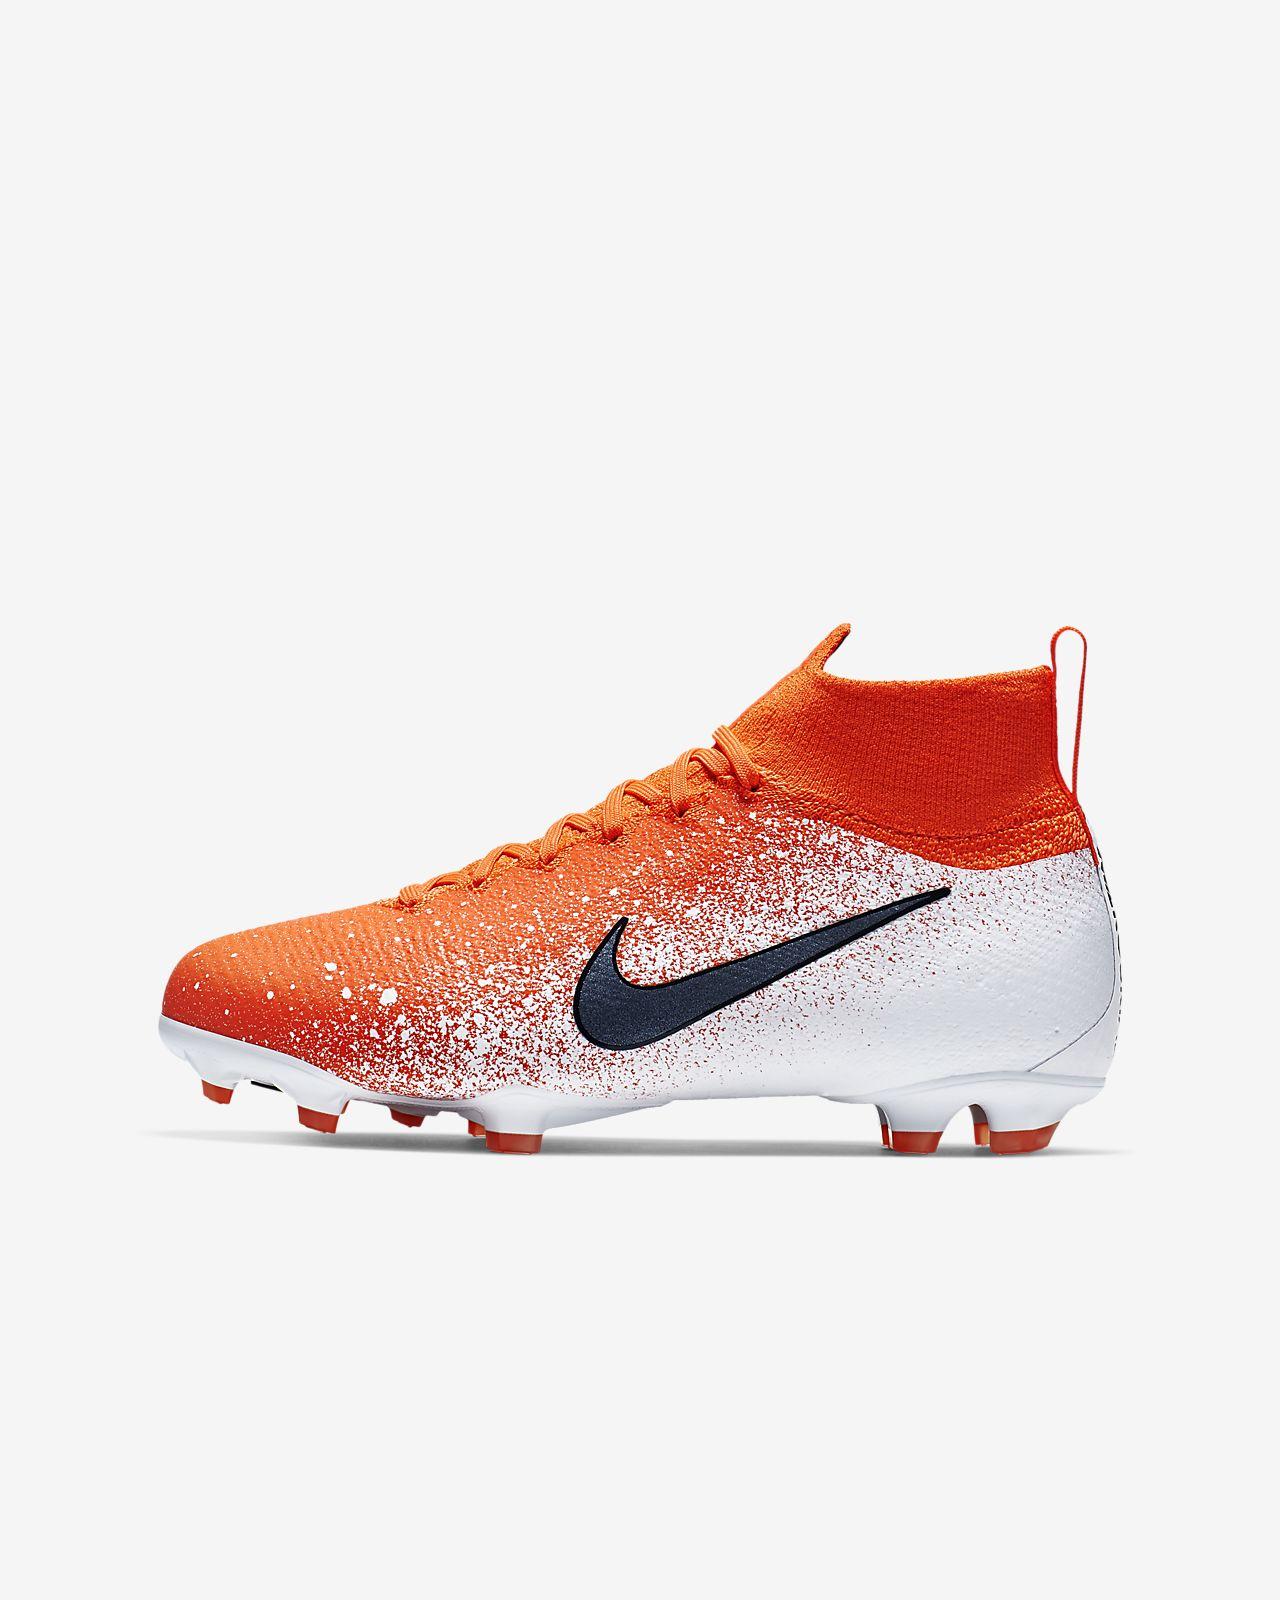 nike fodboldstøvler størrelser, Nike Air Max Motion sneakers